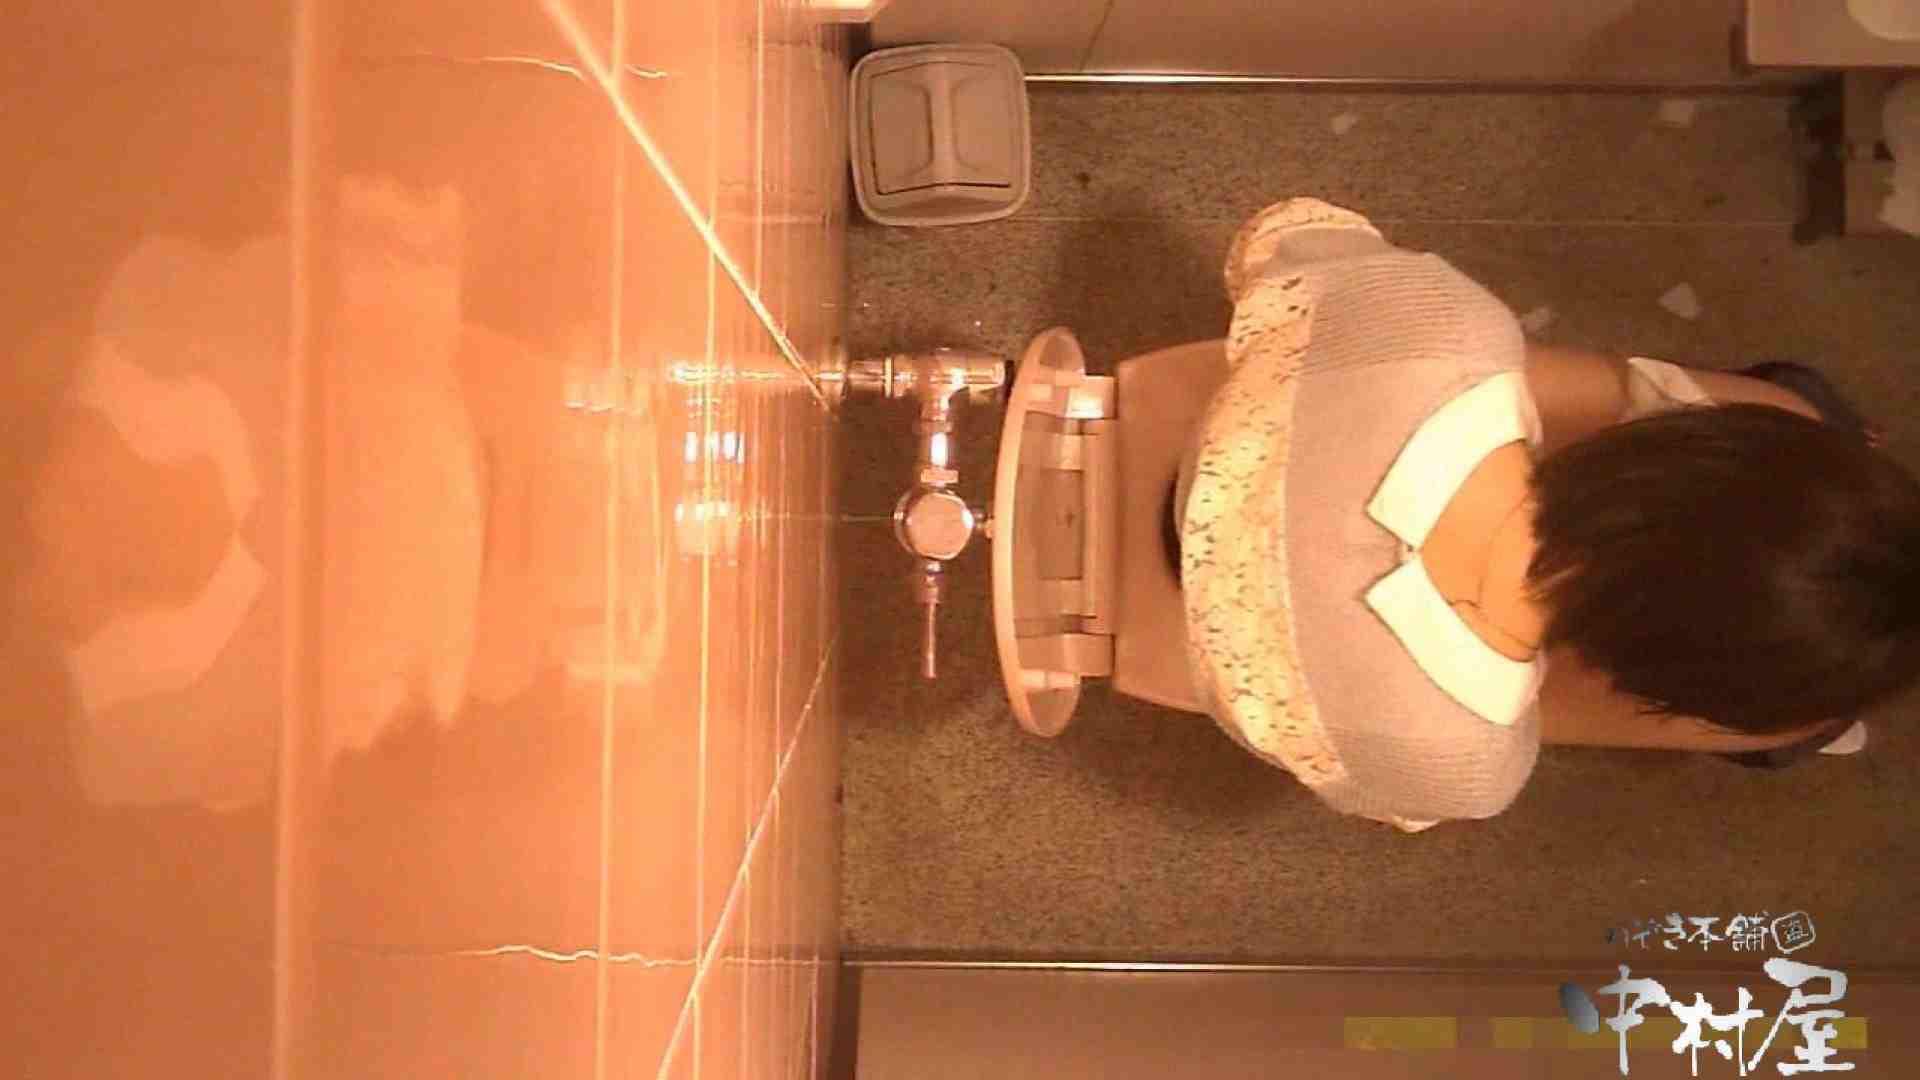 初盗撮!女盗撮師カレンさんの 潜入!女子トイレ盗撮!Vol.2 美女まとめ | トイレ  101PIX 61